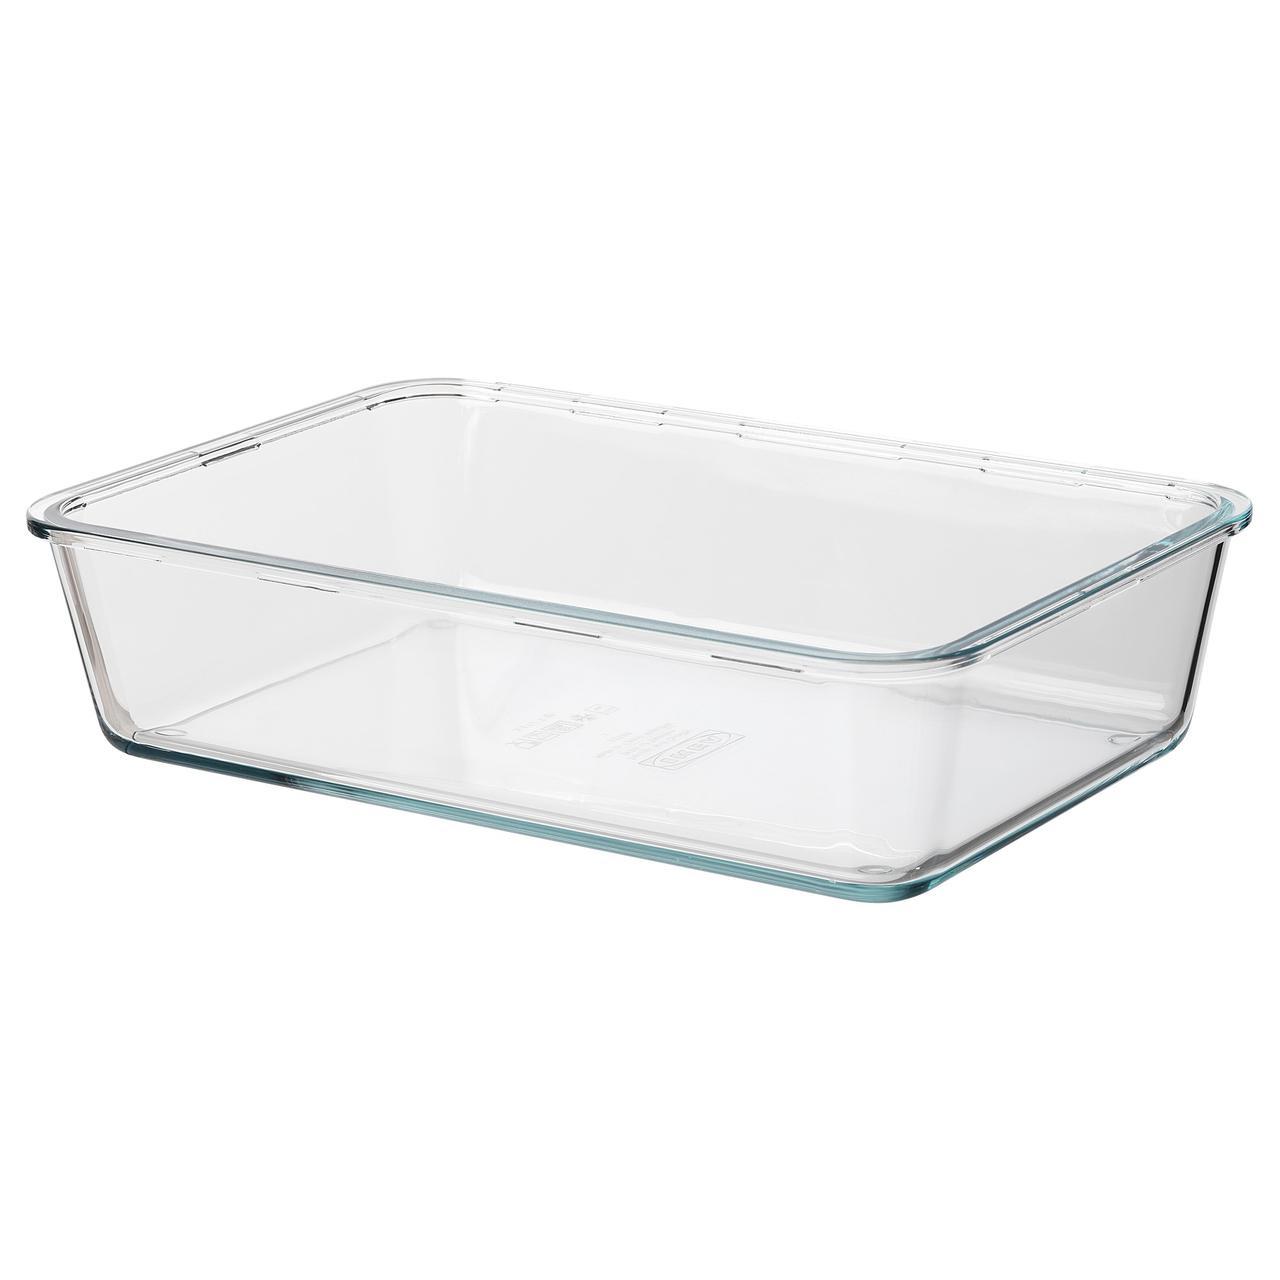 ИКЕА/365+ Контейнер для продуктов, большой прямоугольн формы, стекло